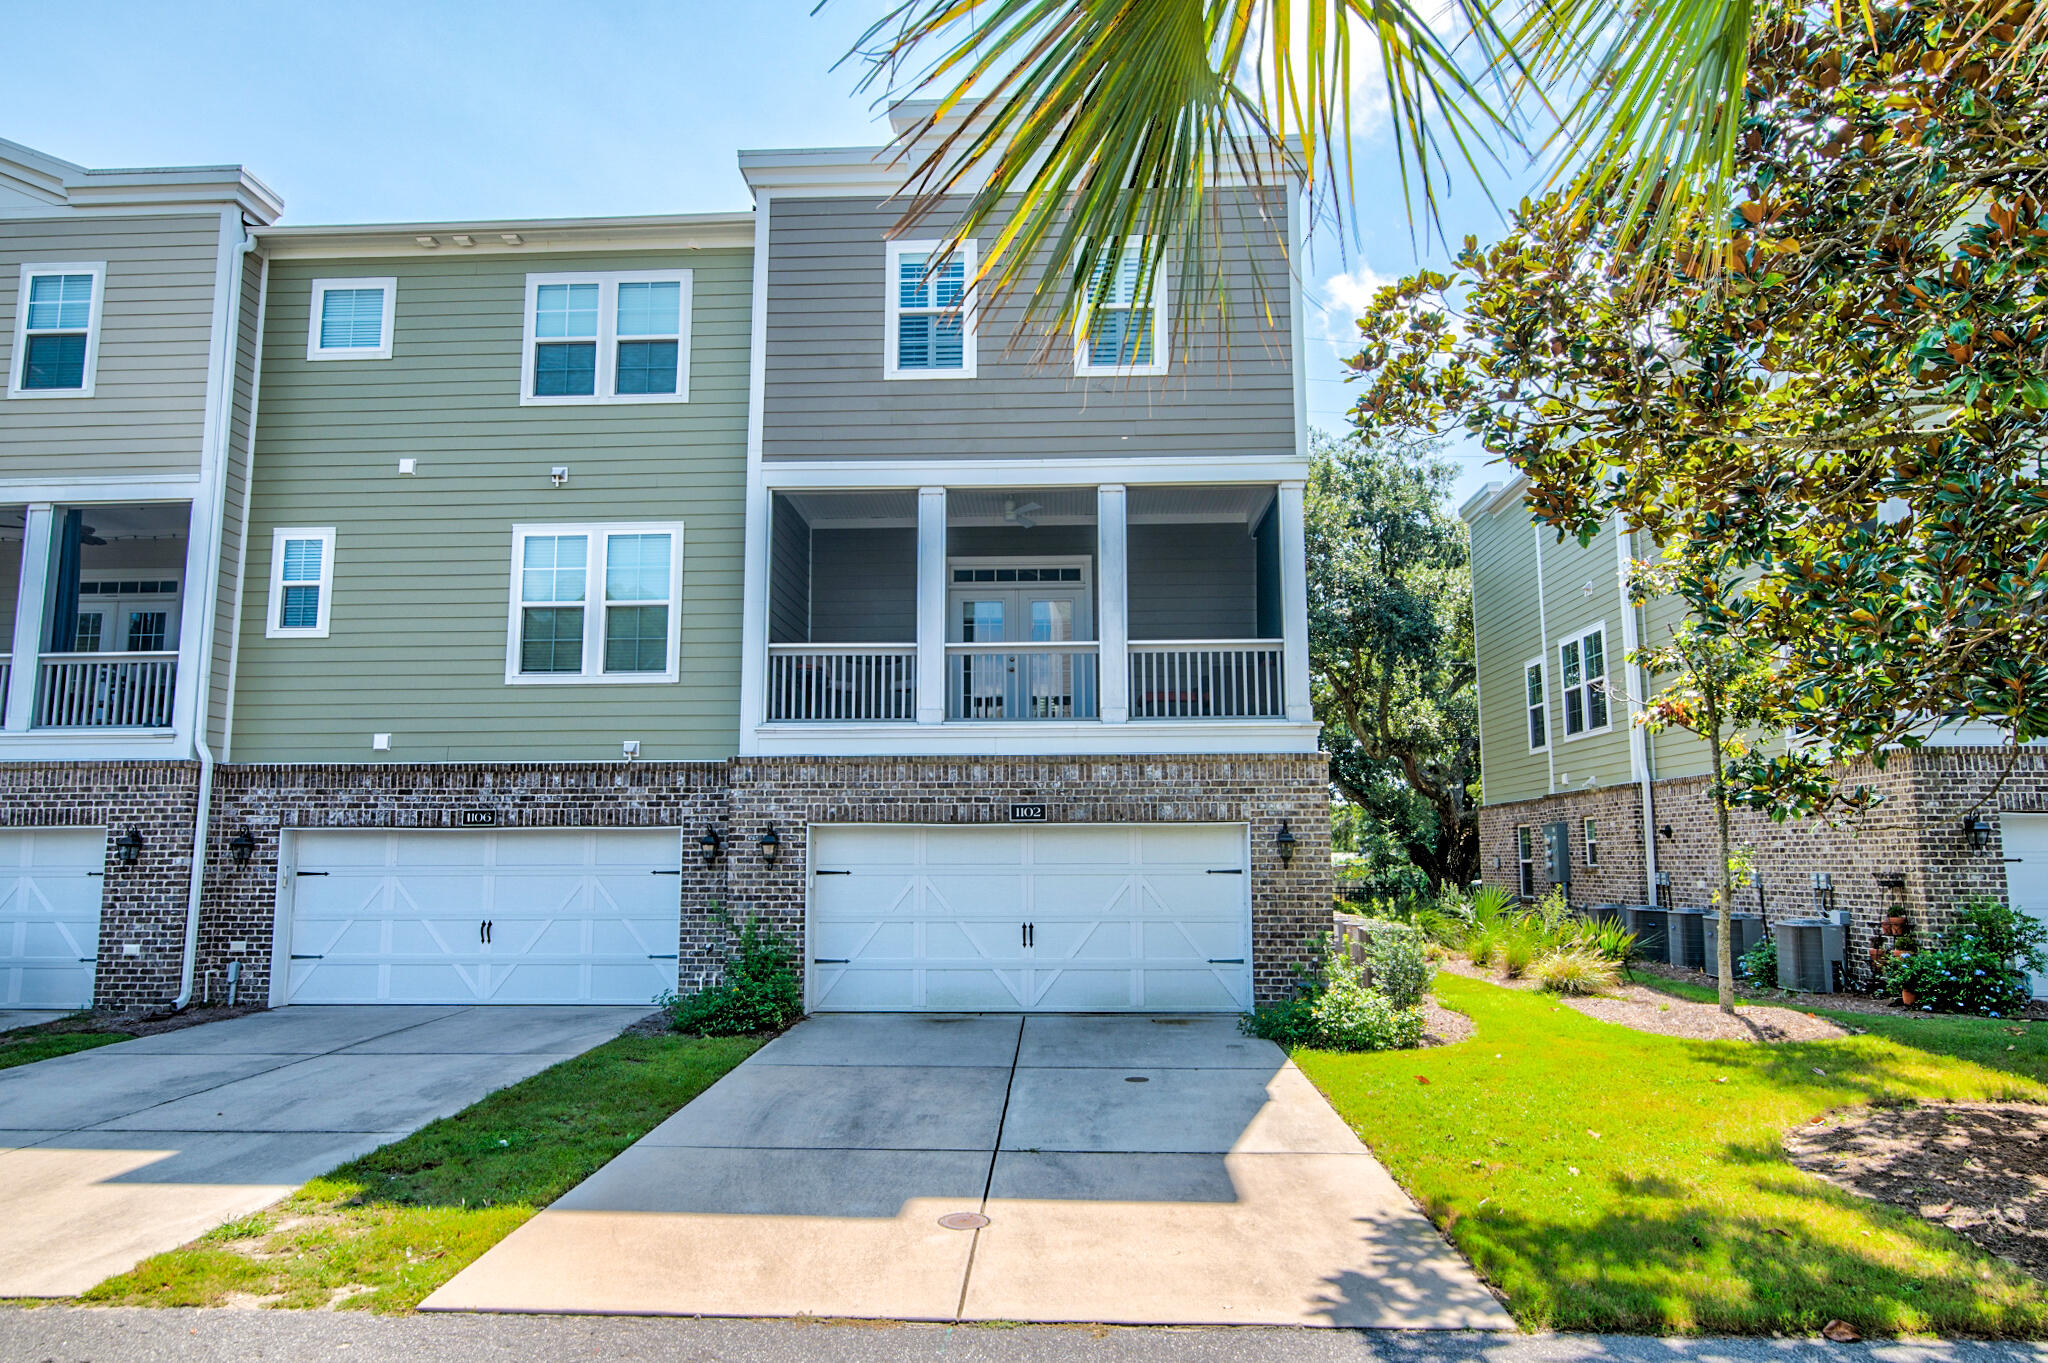 Whitesides Park Homes For Sale - 1102 Alagash Way, Mount Pleasant, SC - 0